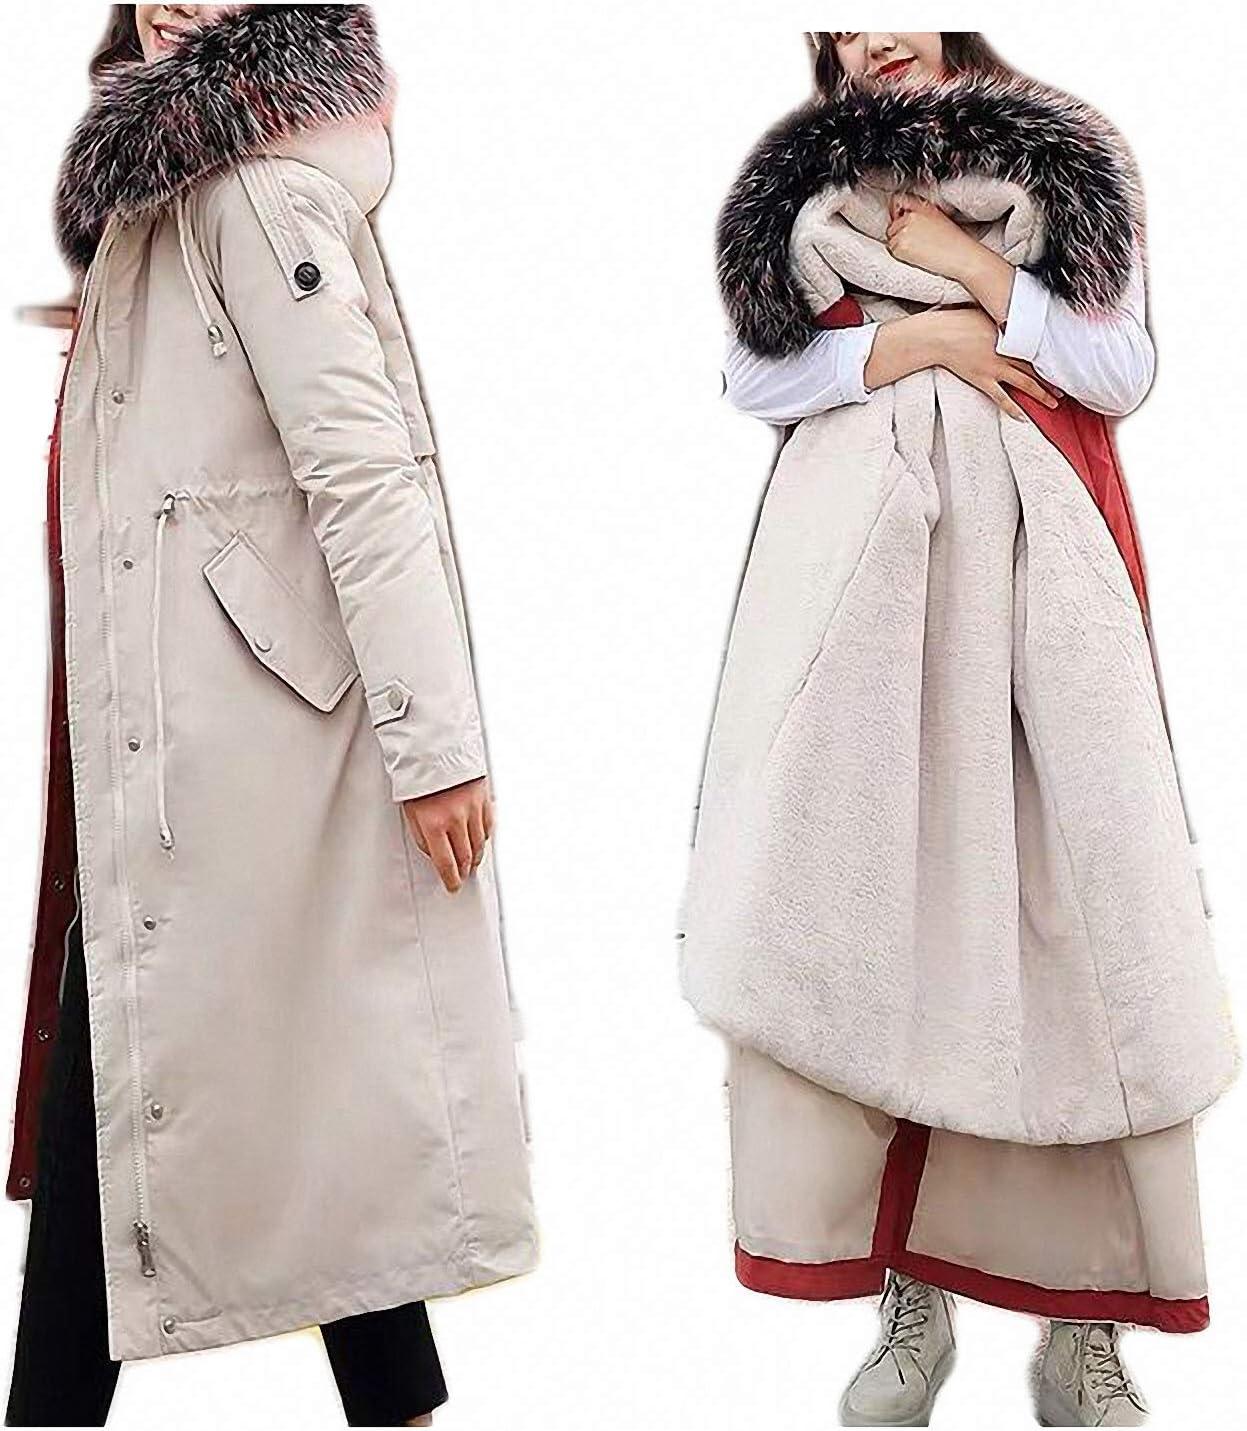 Long Detachable Lamb Hair Liner Cotton Jacket Coat Warm Women's Winter Jackets Big Faux Fur Coats Parkas Beige XL